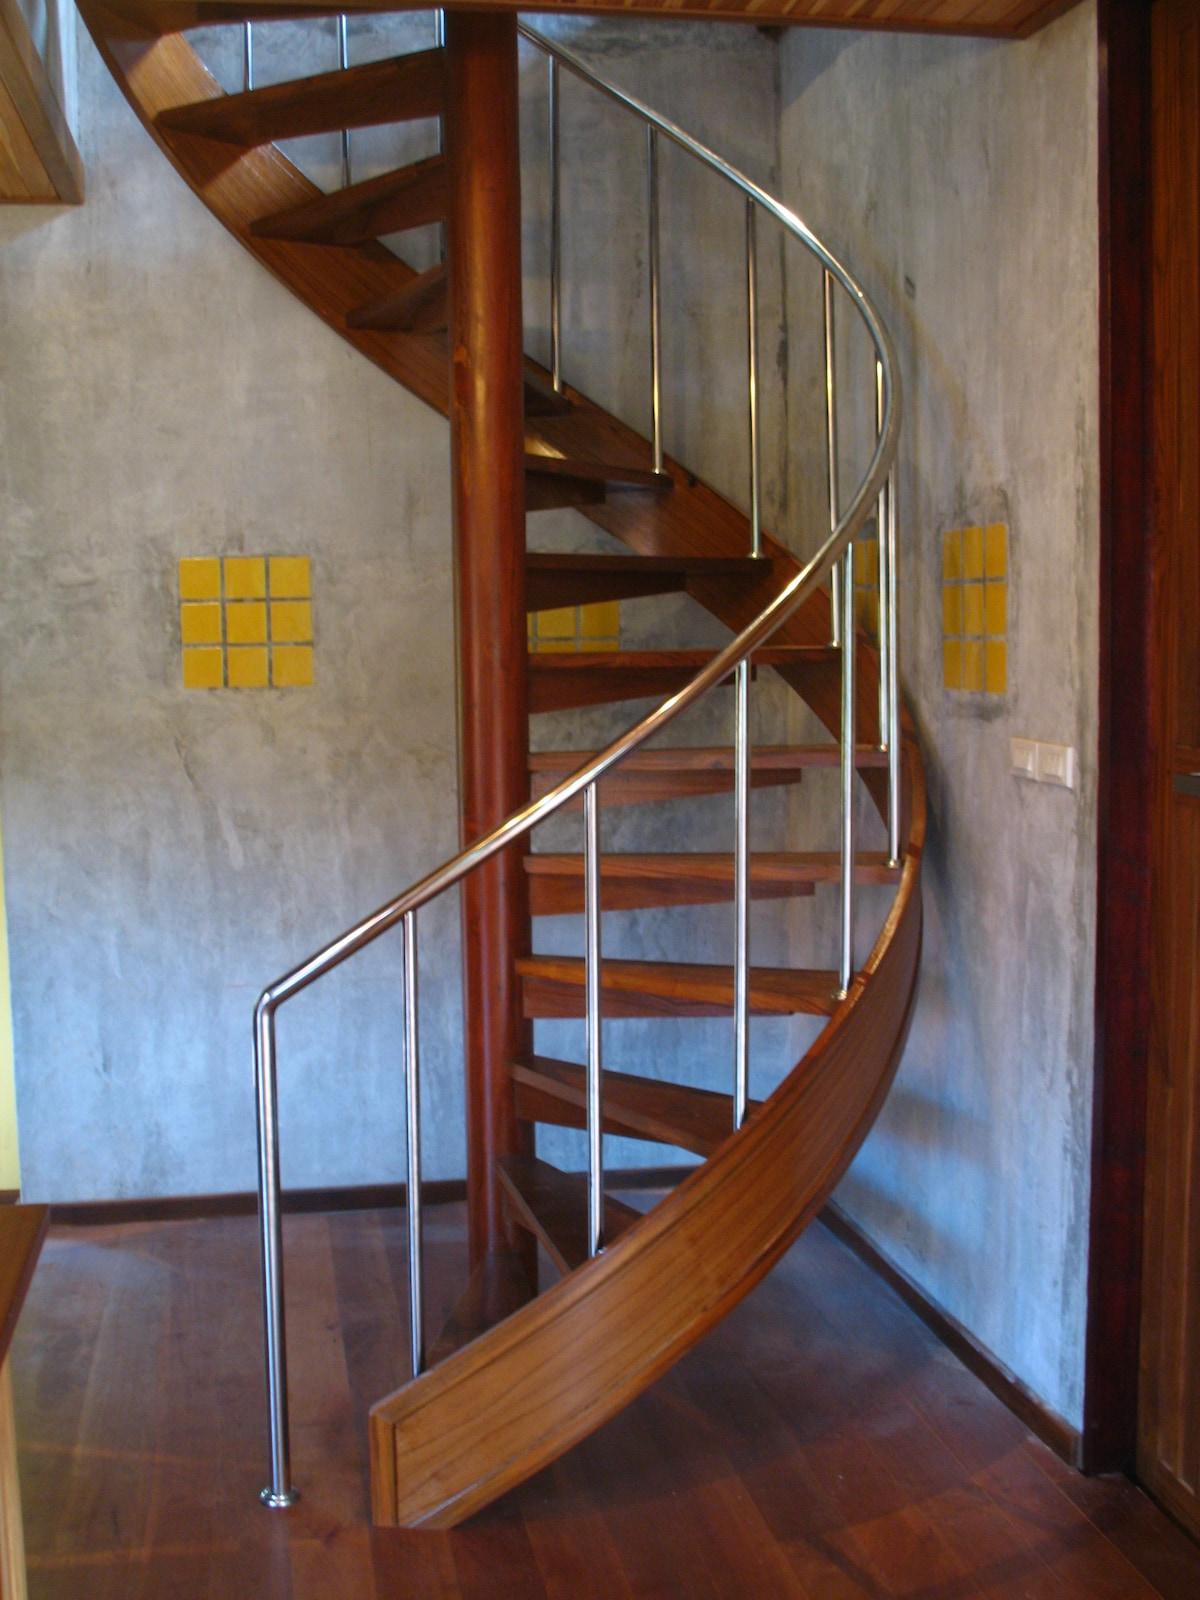 Wooden spiral stair.